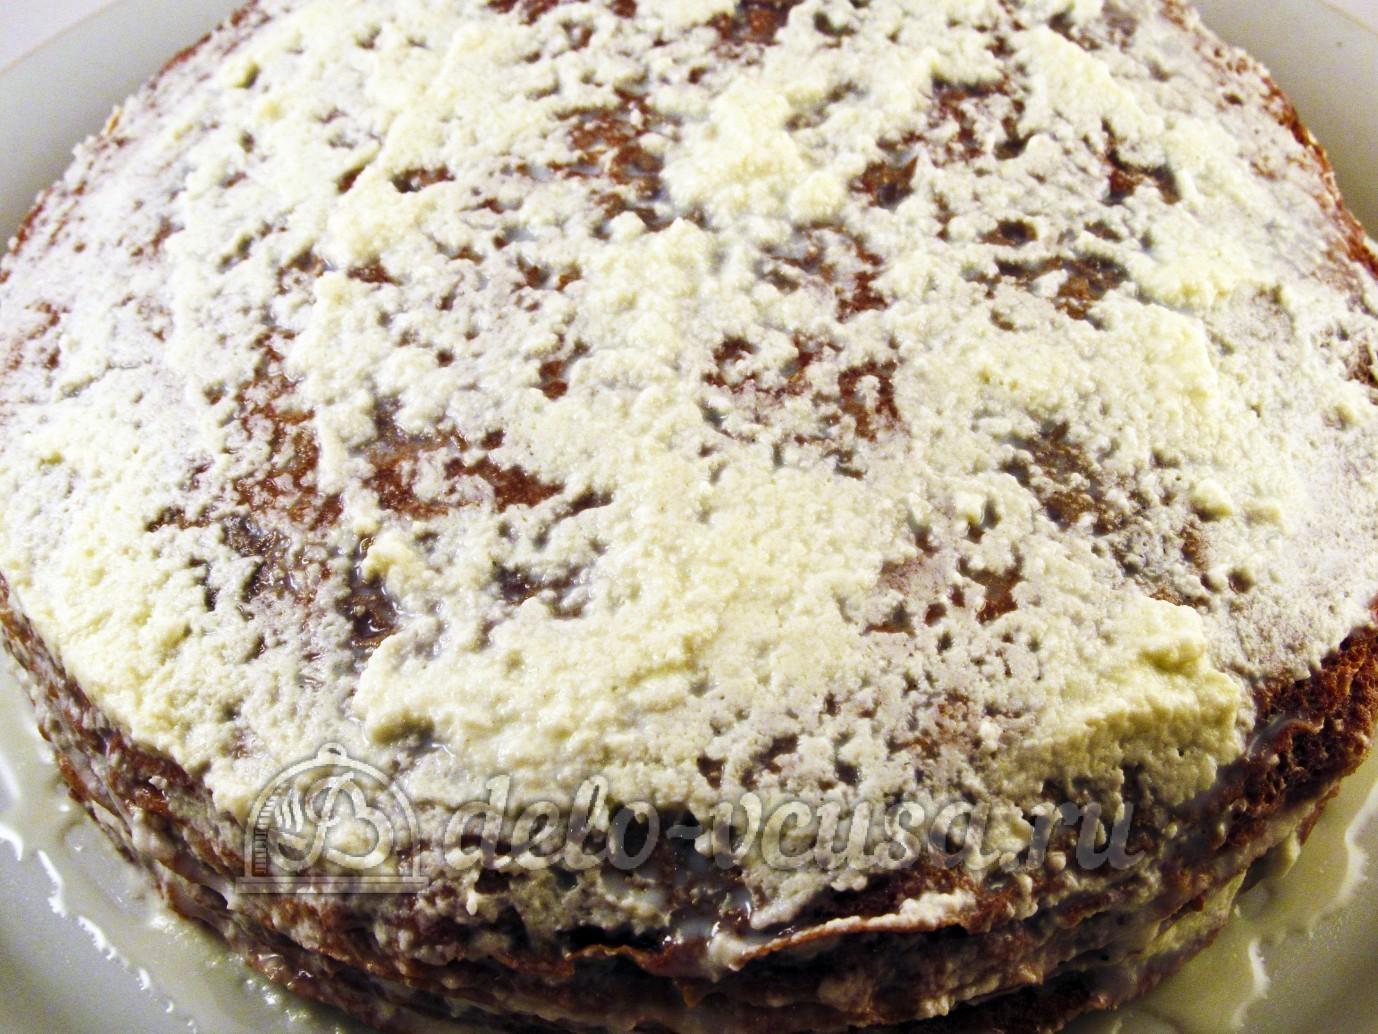 Шоколадный блинный торт: Формируем блинный торт